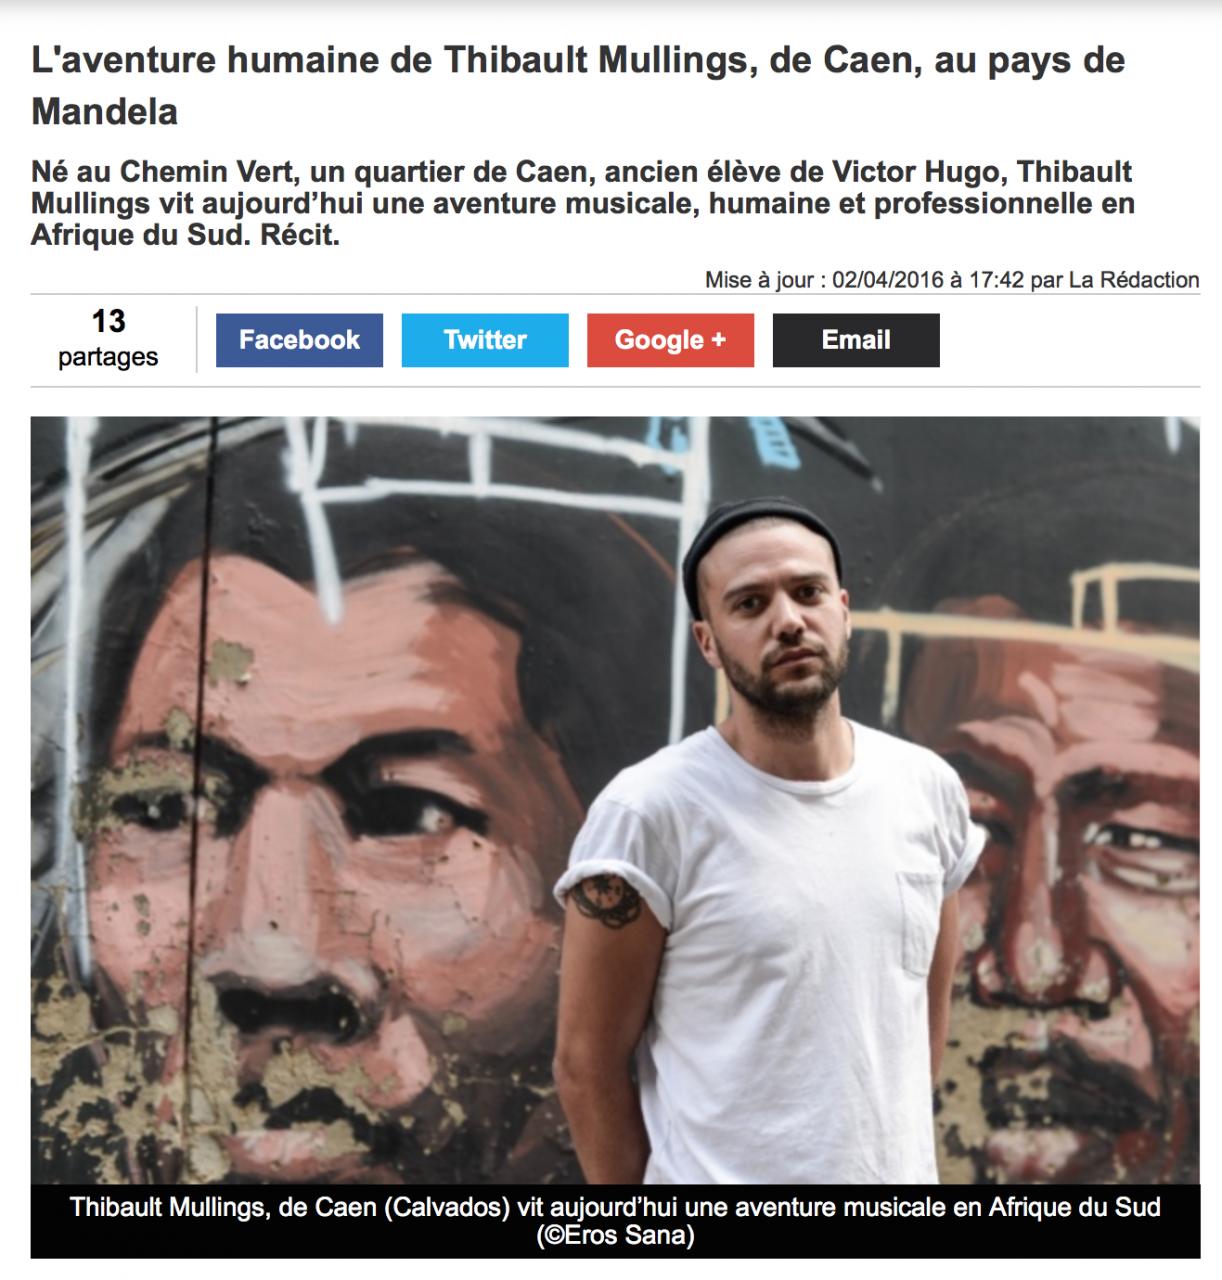 L'aventure de Thibault Mullings au pays de Mandela